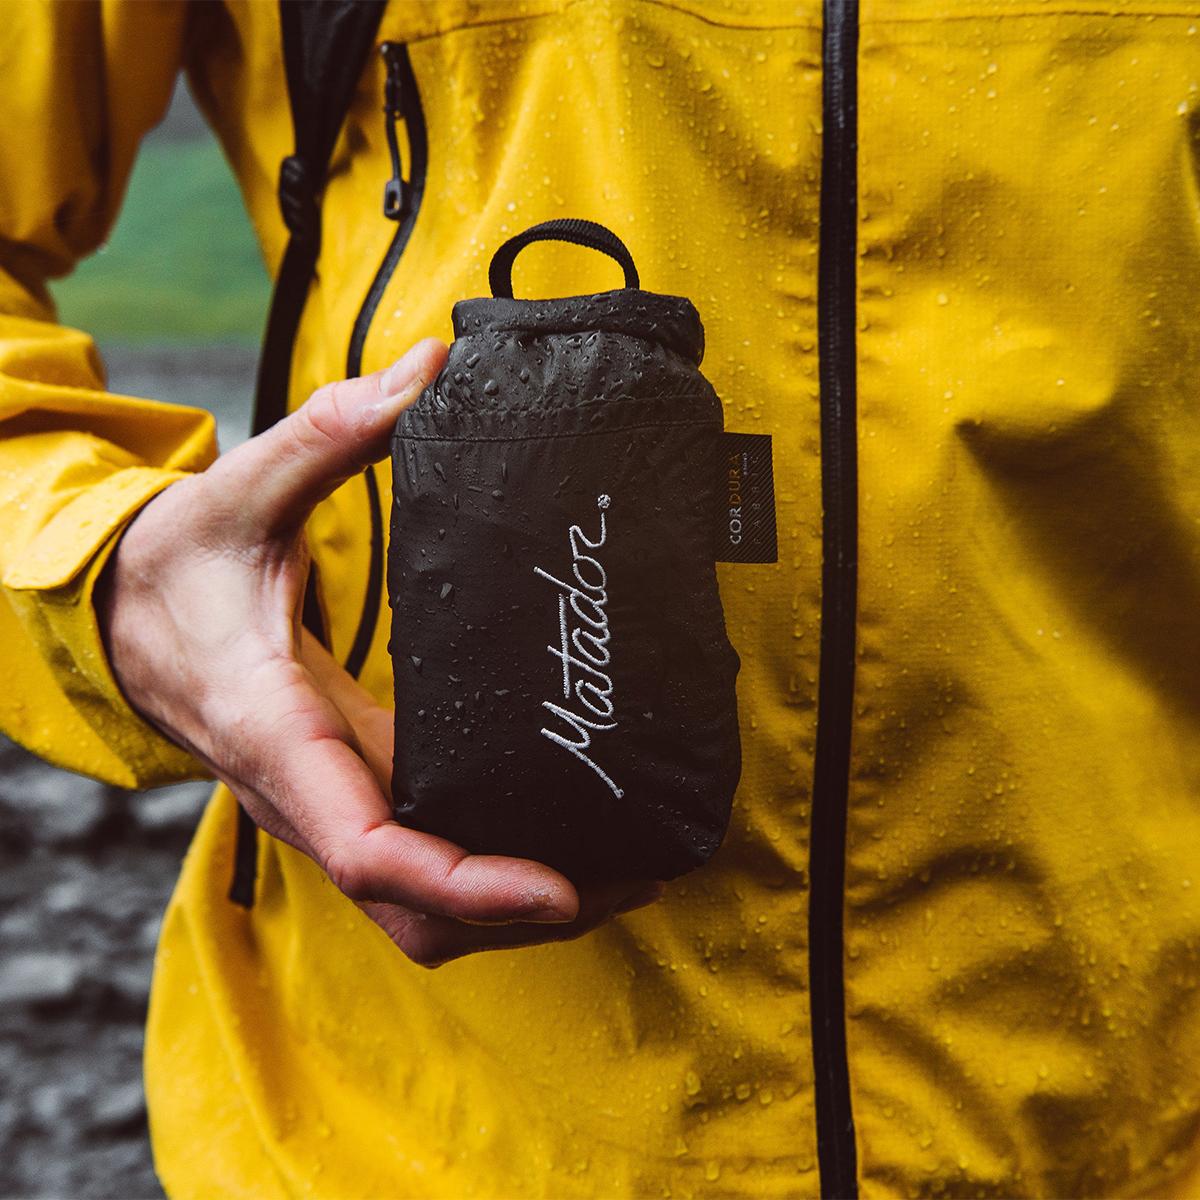 手のひらサイズになる大容量バッグ | 軽量・防水仕様で、日常生活や旅行で大活躍